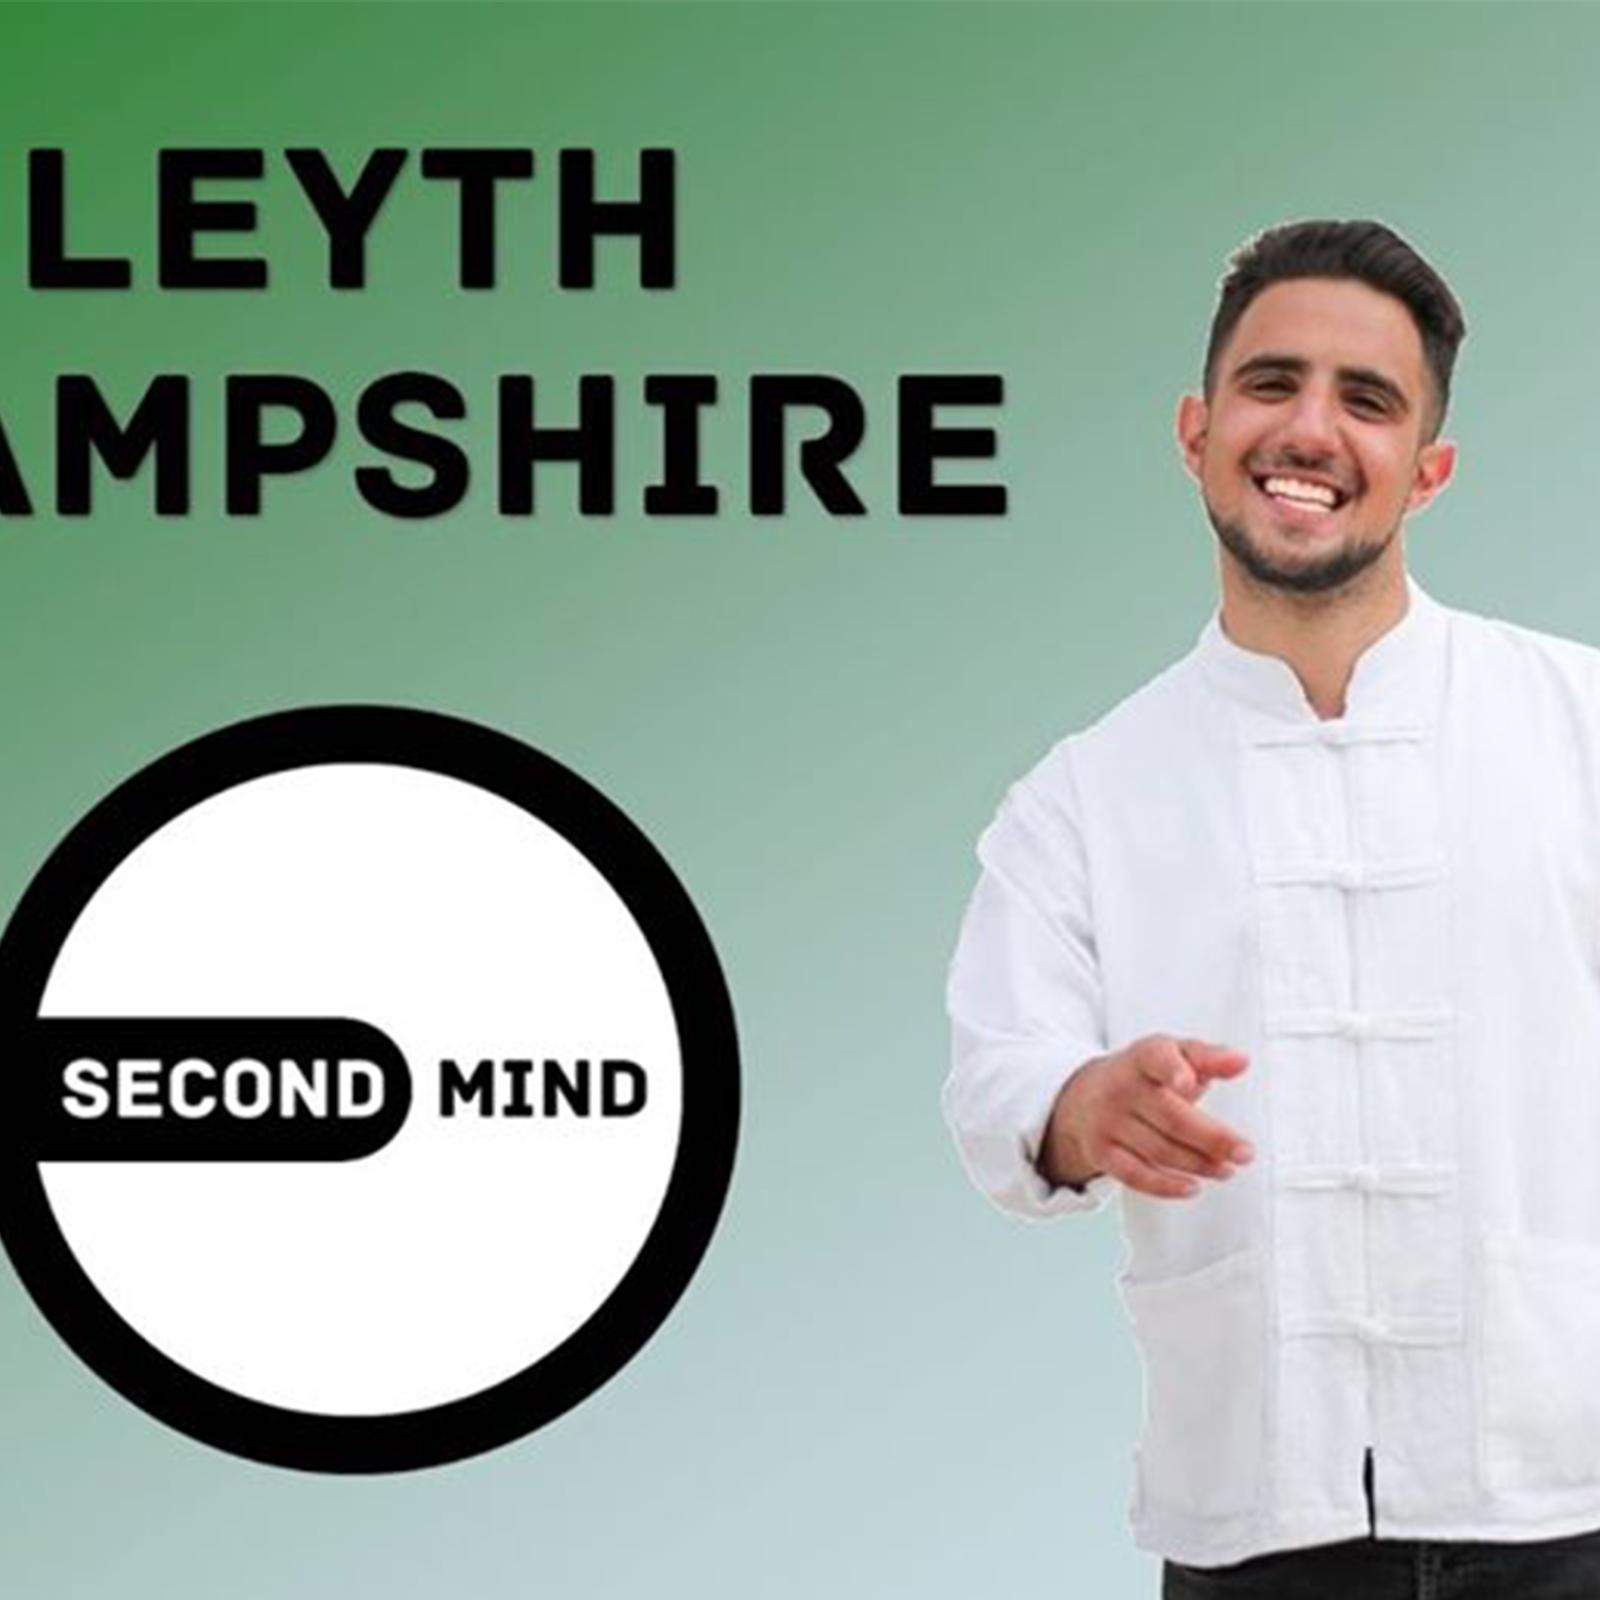 second mind podcast logo